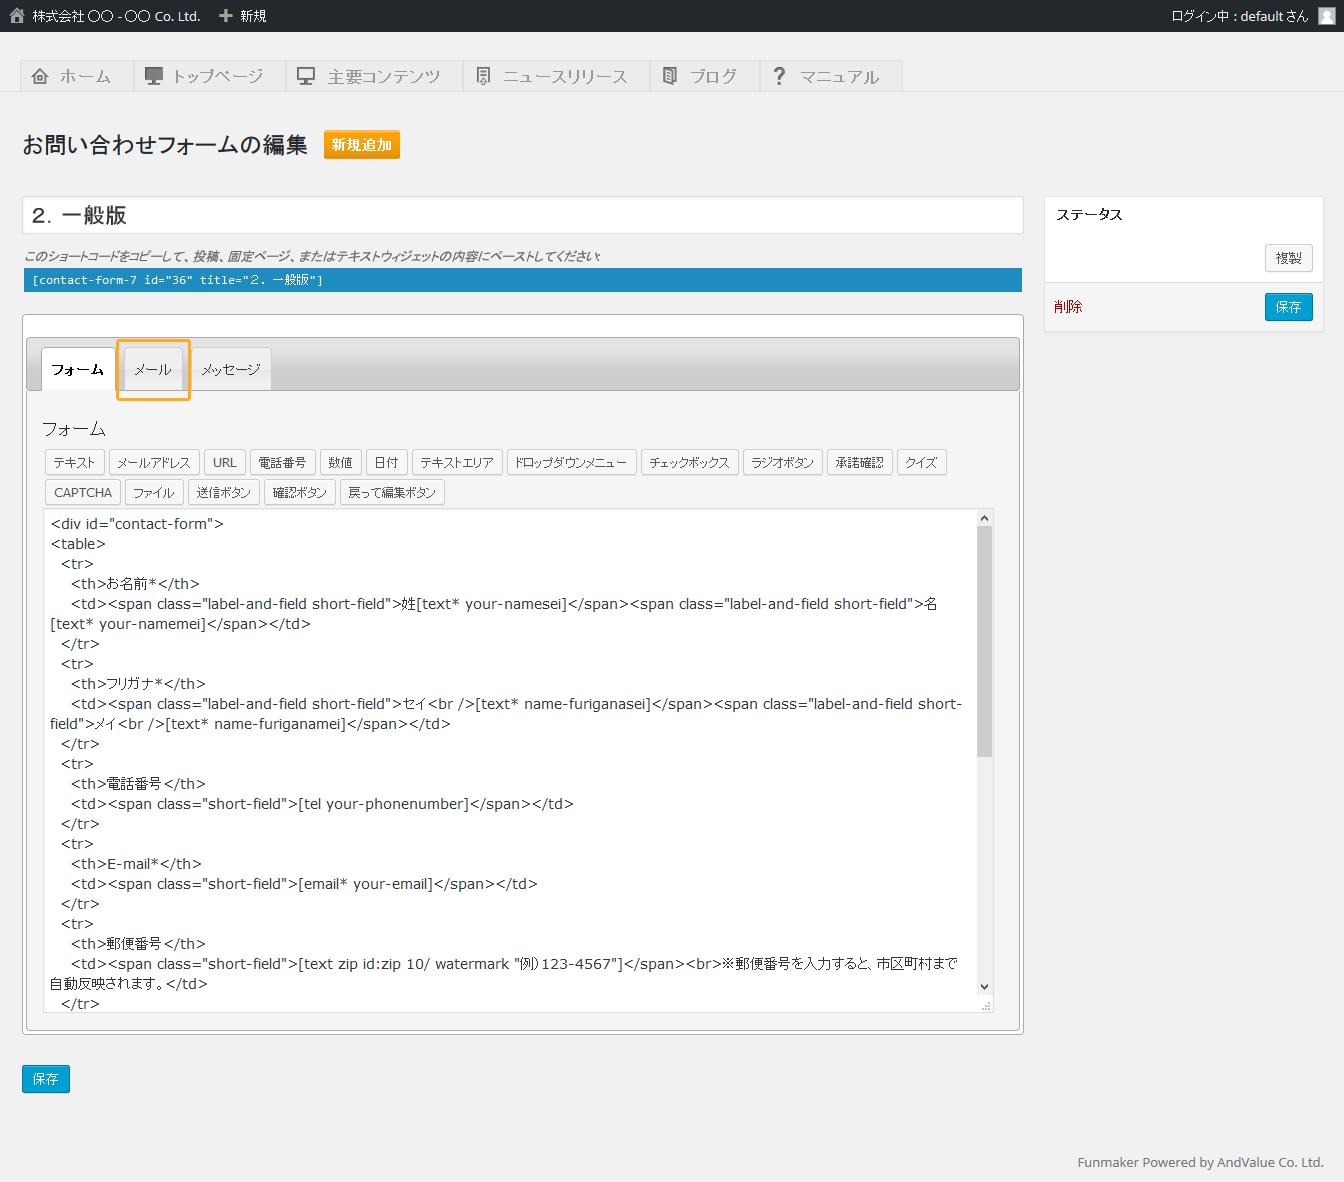 お問い合わせフォームの編集2 - 簡単格安ホームページ作成会社 -FunMaker